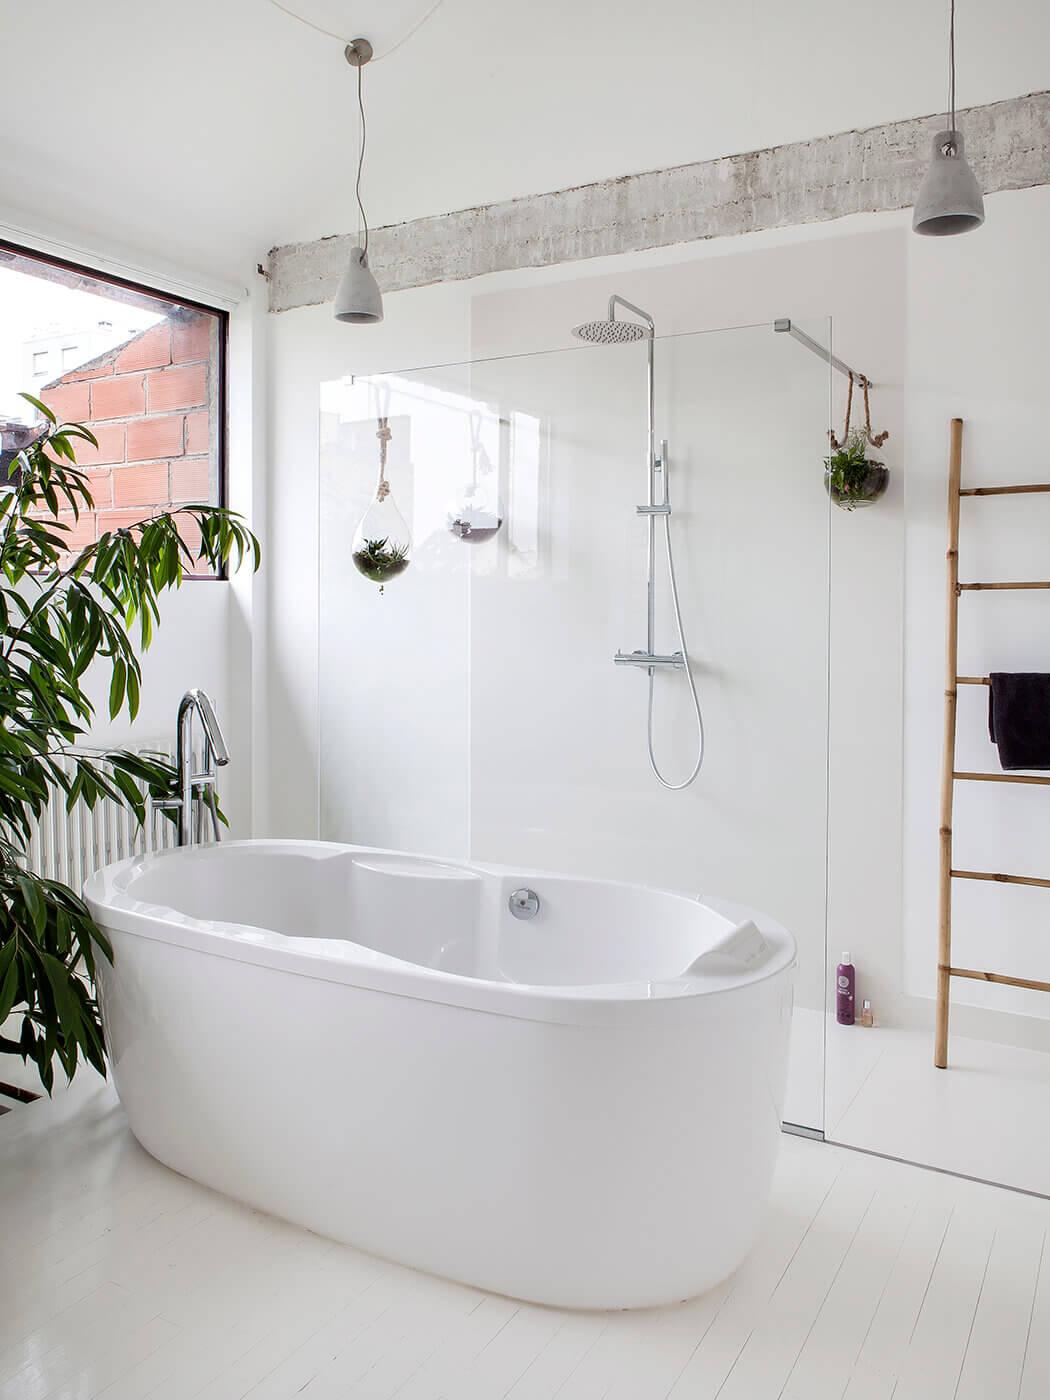 Sensation de grandeur dans cette salle de bain de luxe grâce à la paroi séparant le bain de la douche